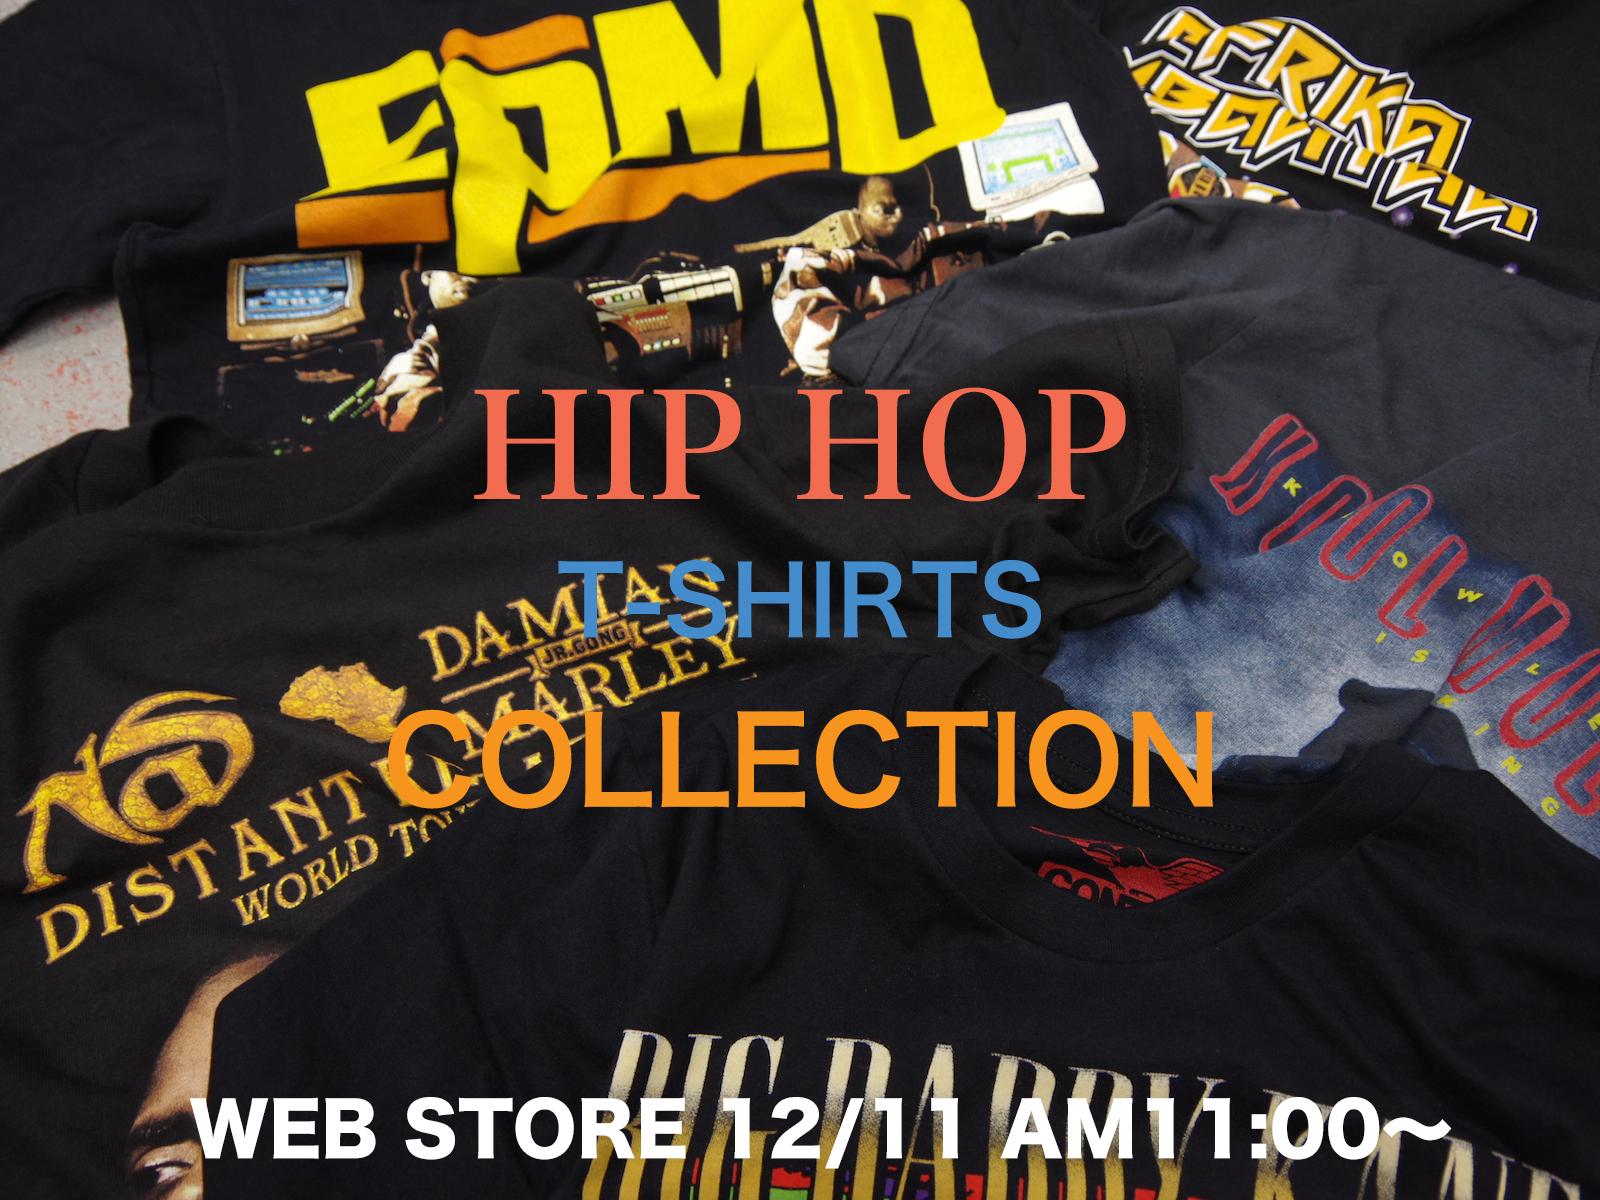 オールドスクールHIP HOPの決定版Tシャツがウェブストアにて先行販売!